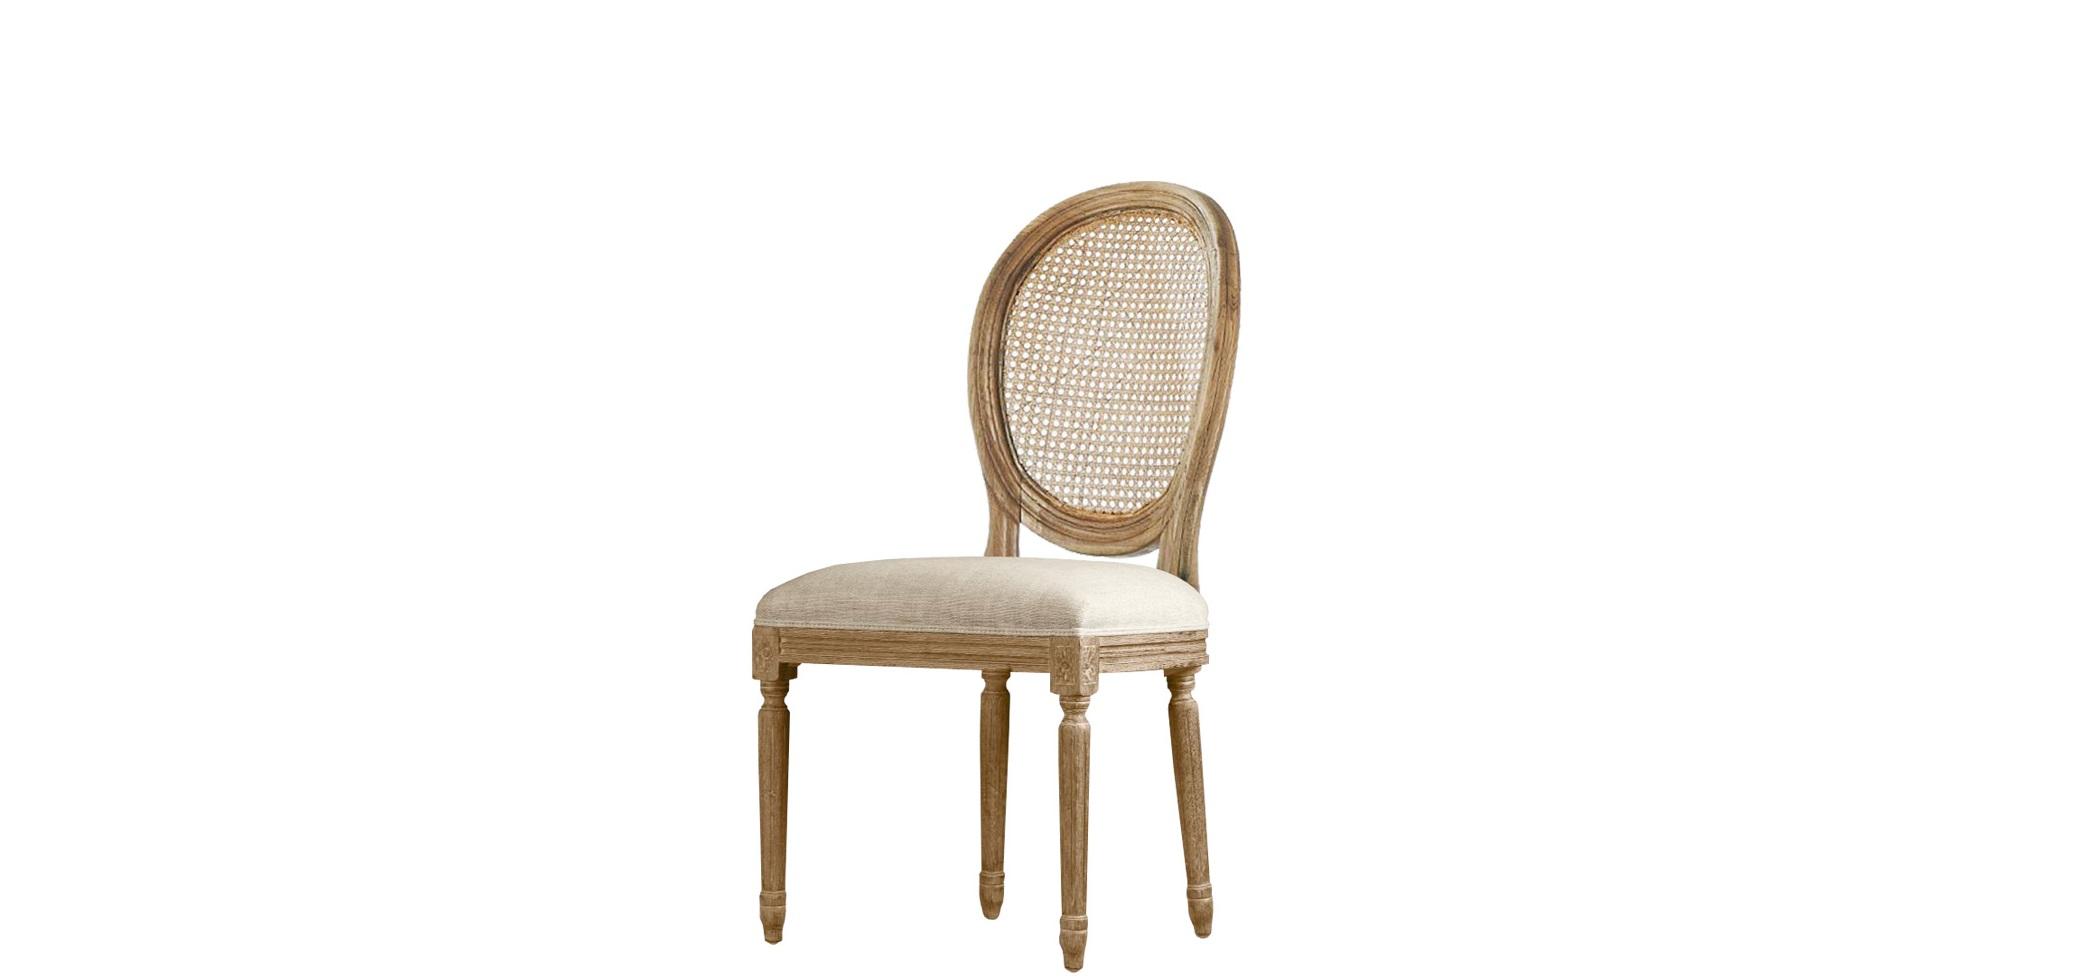 Стул с ротанговым плетением Louis rattan side chairОбеденные стулья<br>Что получится, если объединить классическое оформление во французском стиле и элементы ротангового плетения? Великолепный стул &amp;quot;Louis Rattan Side Chair&amp;quot;! В нем шик гармонично сосуществует с простотой прованского шарма. Первый выражен в сочетании высококачественных материалов и великолепных способов их сложной отделки. Второй ? в естественной красоте нейтральной природной гаммы.<br><br>Material: Текстиль<br>Width см: 52<br>Depth см: 62<br>Height см: 95